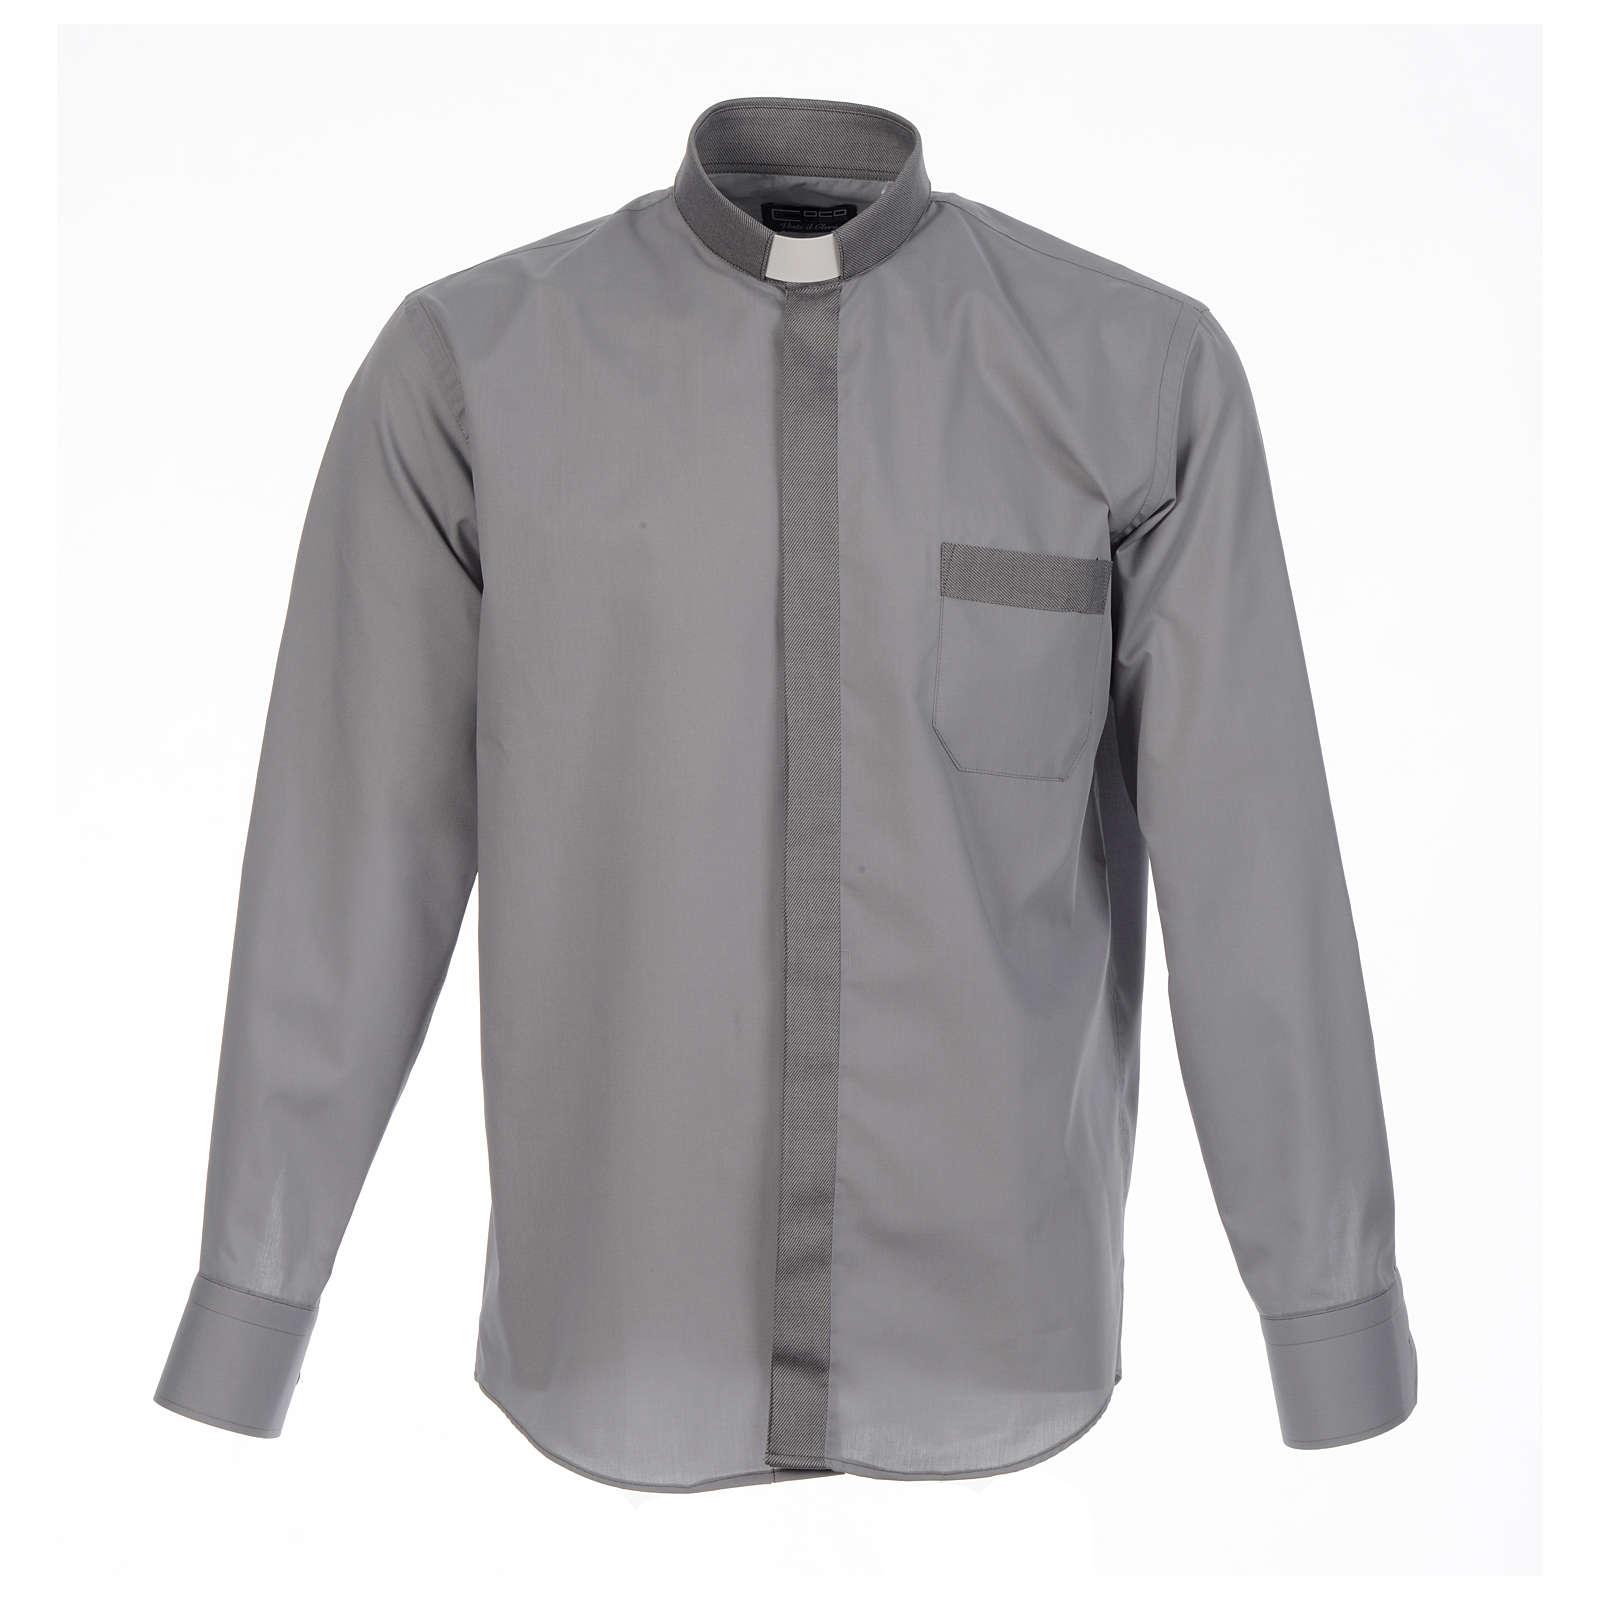 Camisa clergy sacerdote diagonal gris manga larga 4